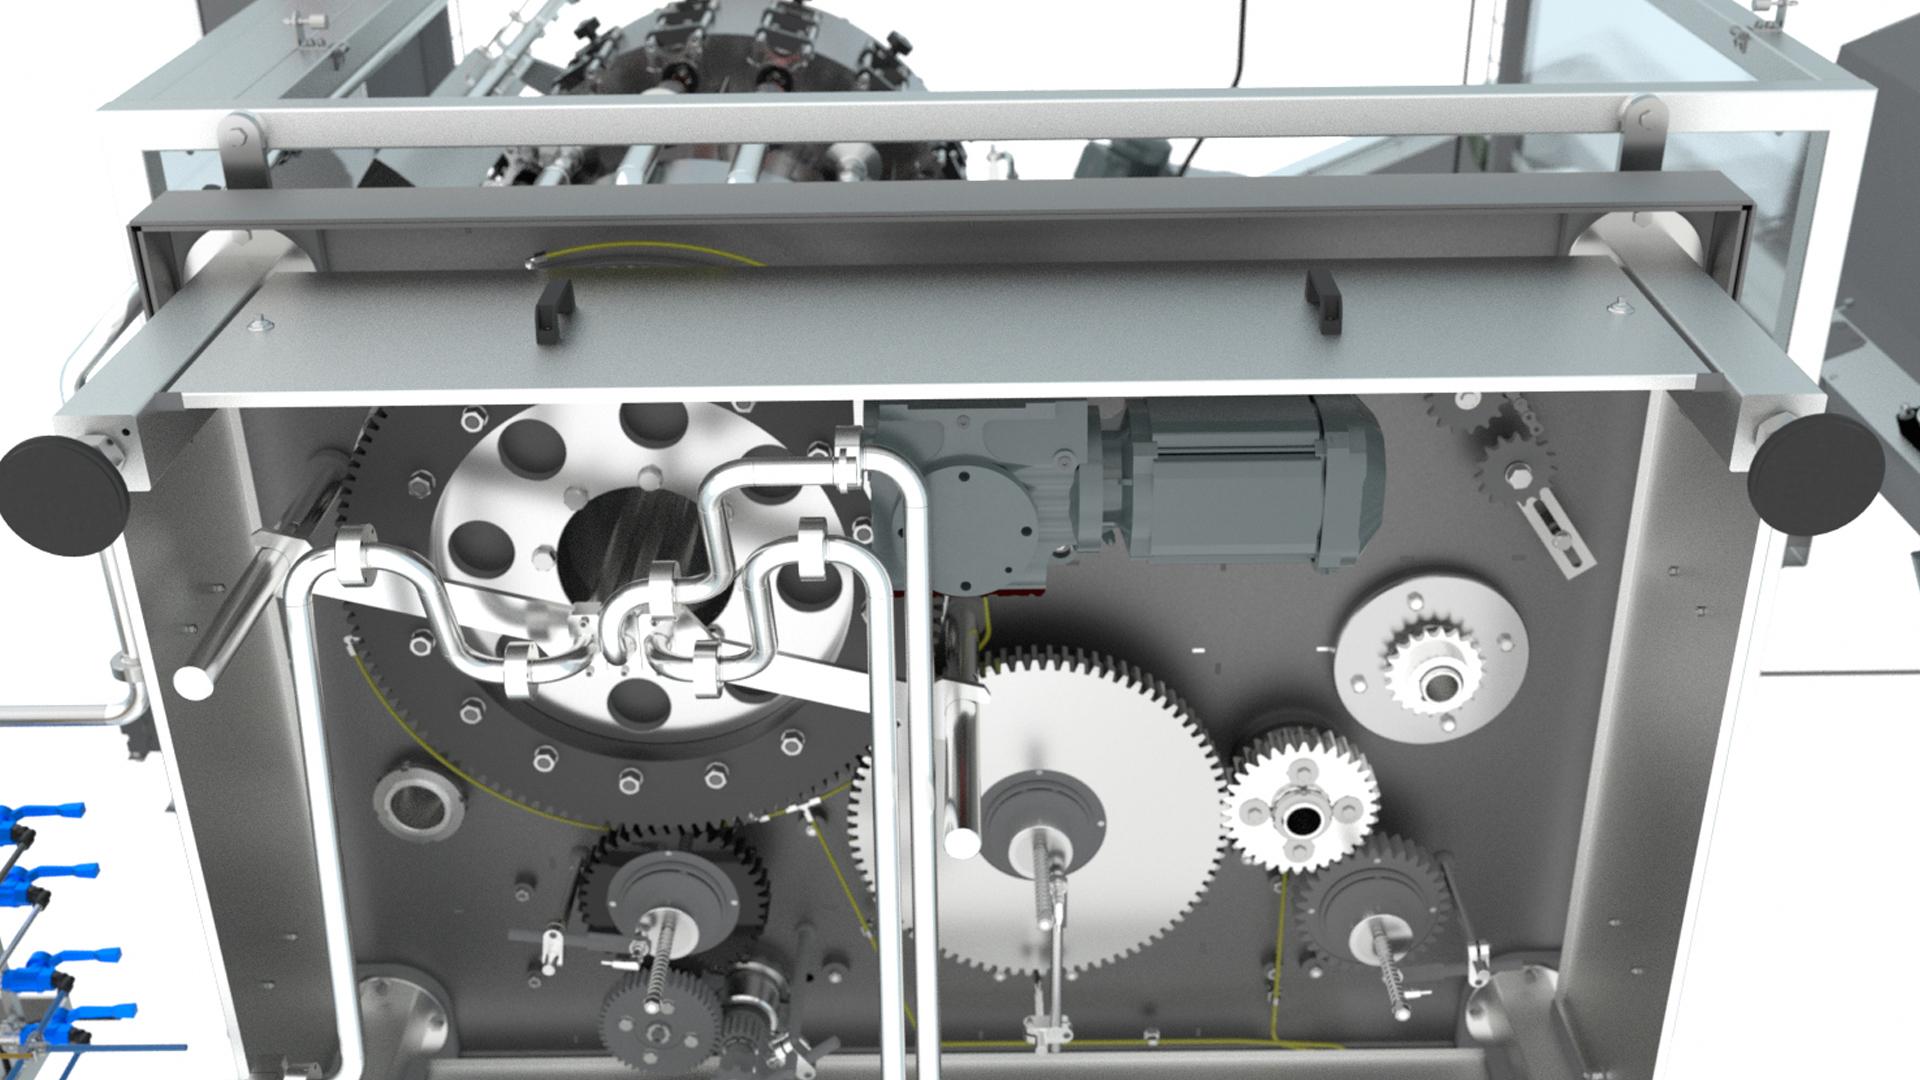 Maschinengehäuse von unten Übersichtliche Anordnung der Antriebs- und Versorgungstechnik